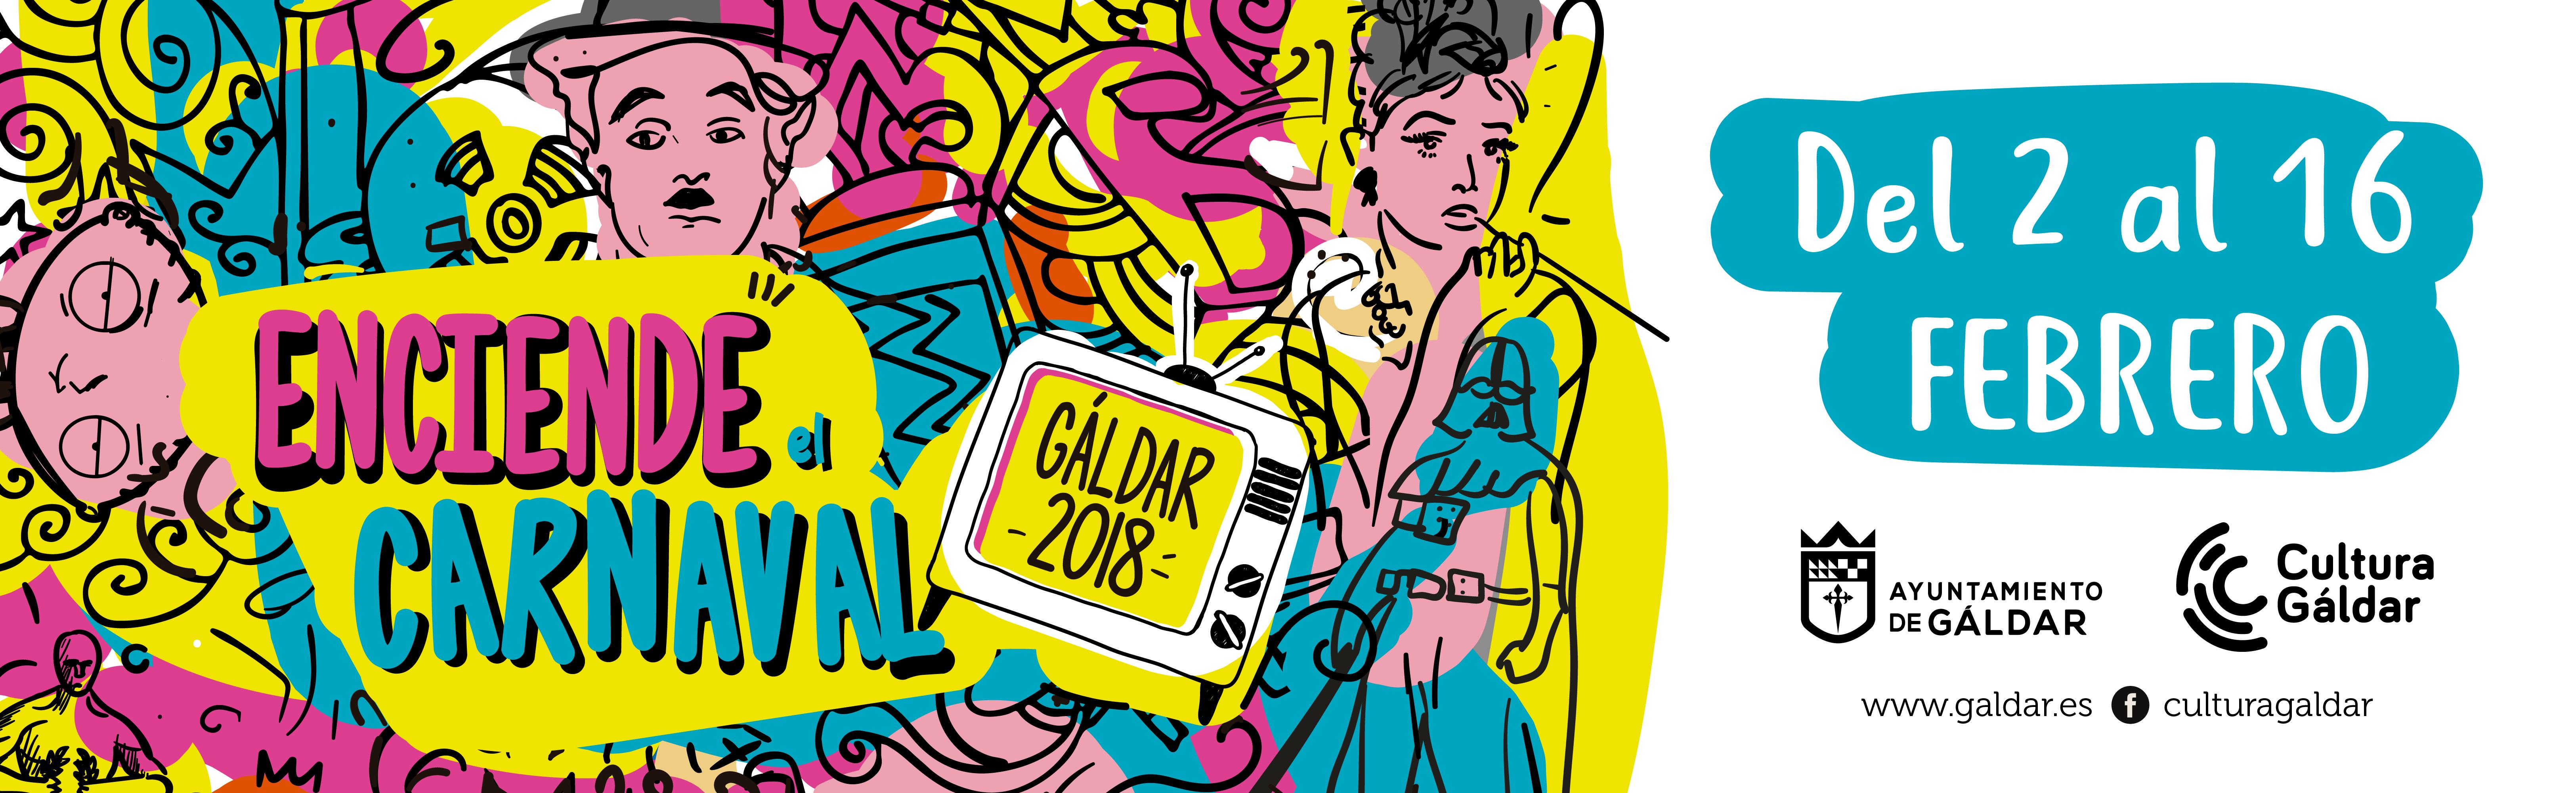 Calendario Carnaval 2020 Las Palmas.Carnaval De Galdar 2019